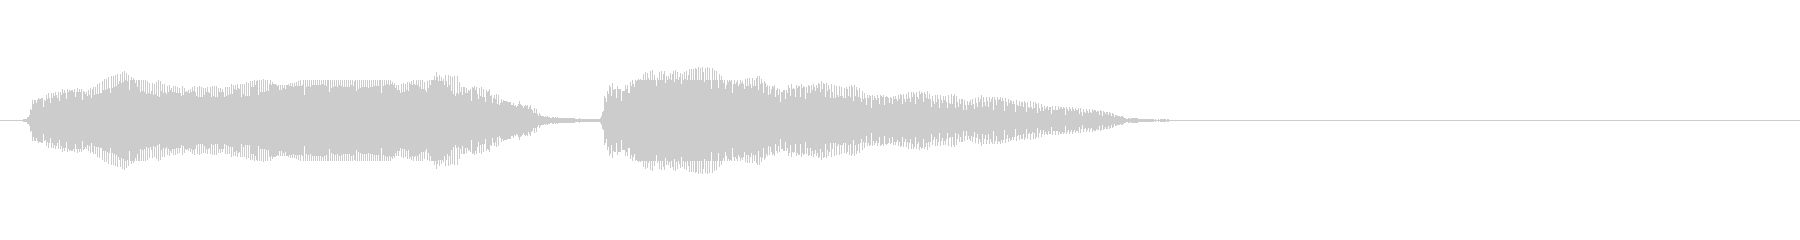 【生録音】シャウティングチキンの音の未再生の波形